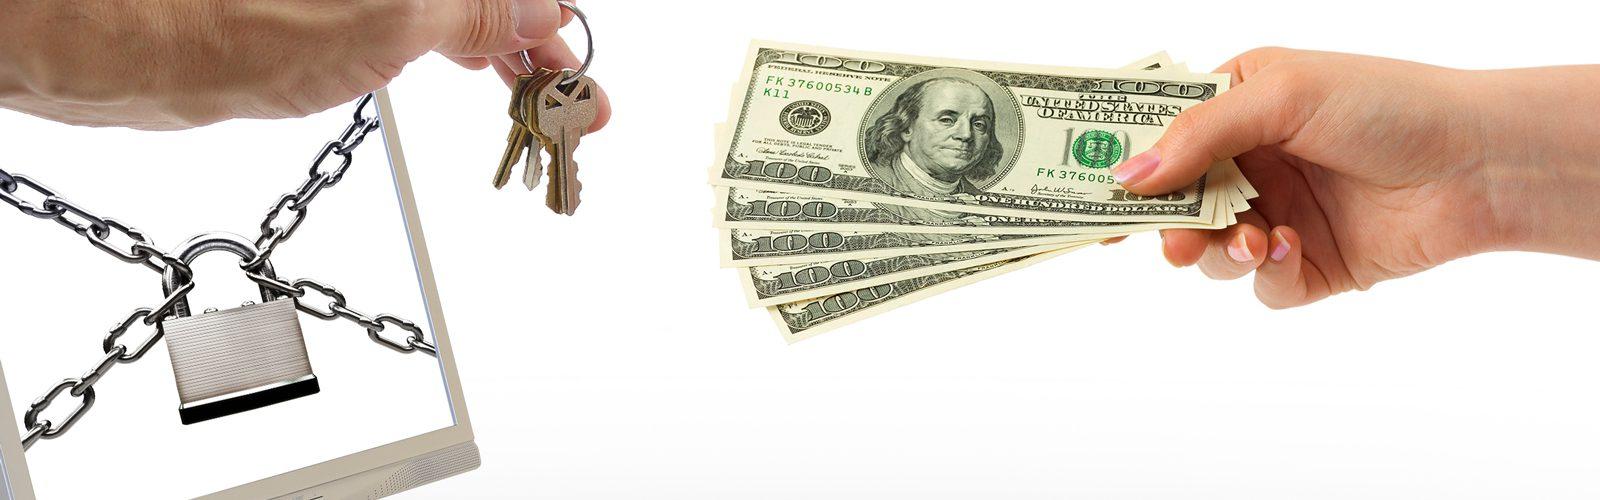 phishing makes money